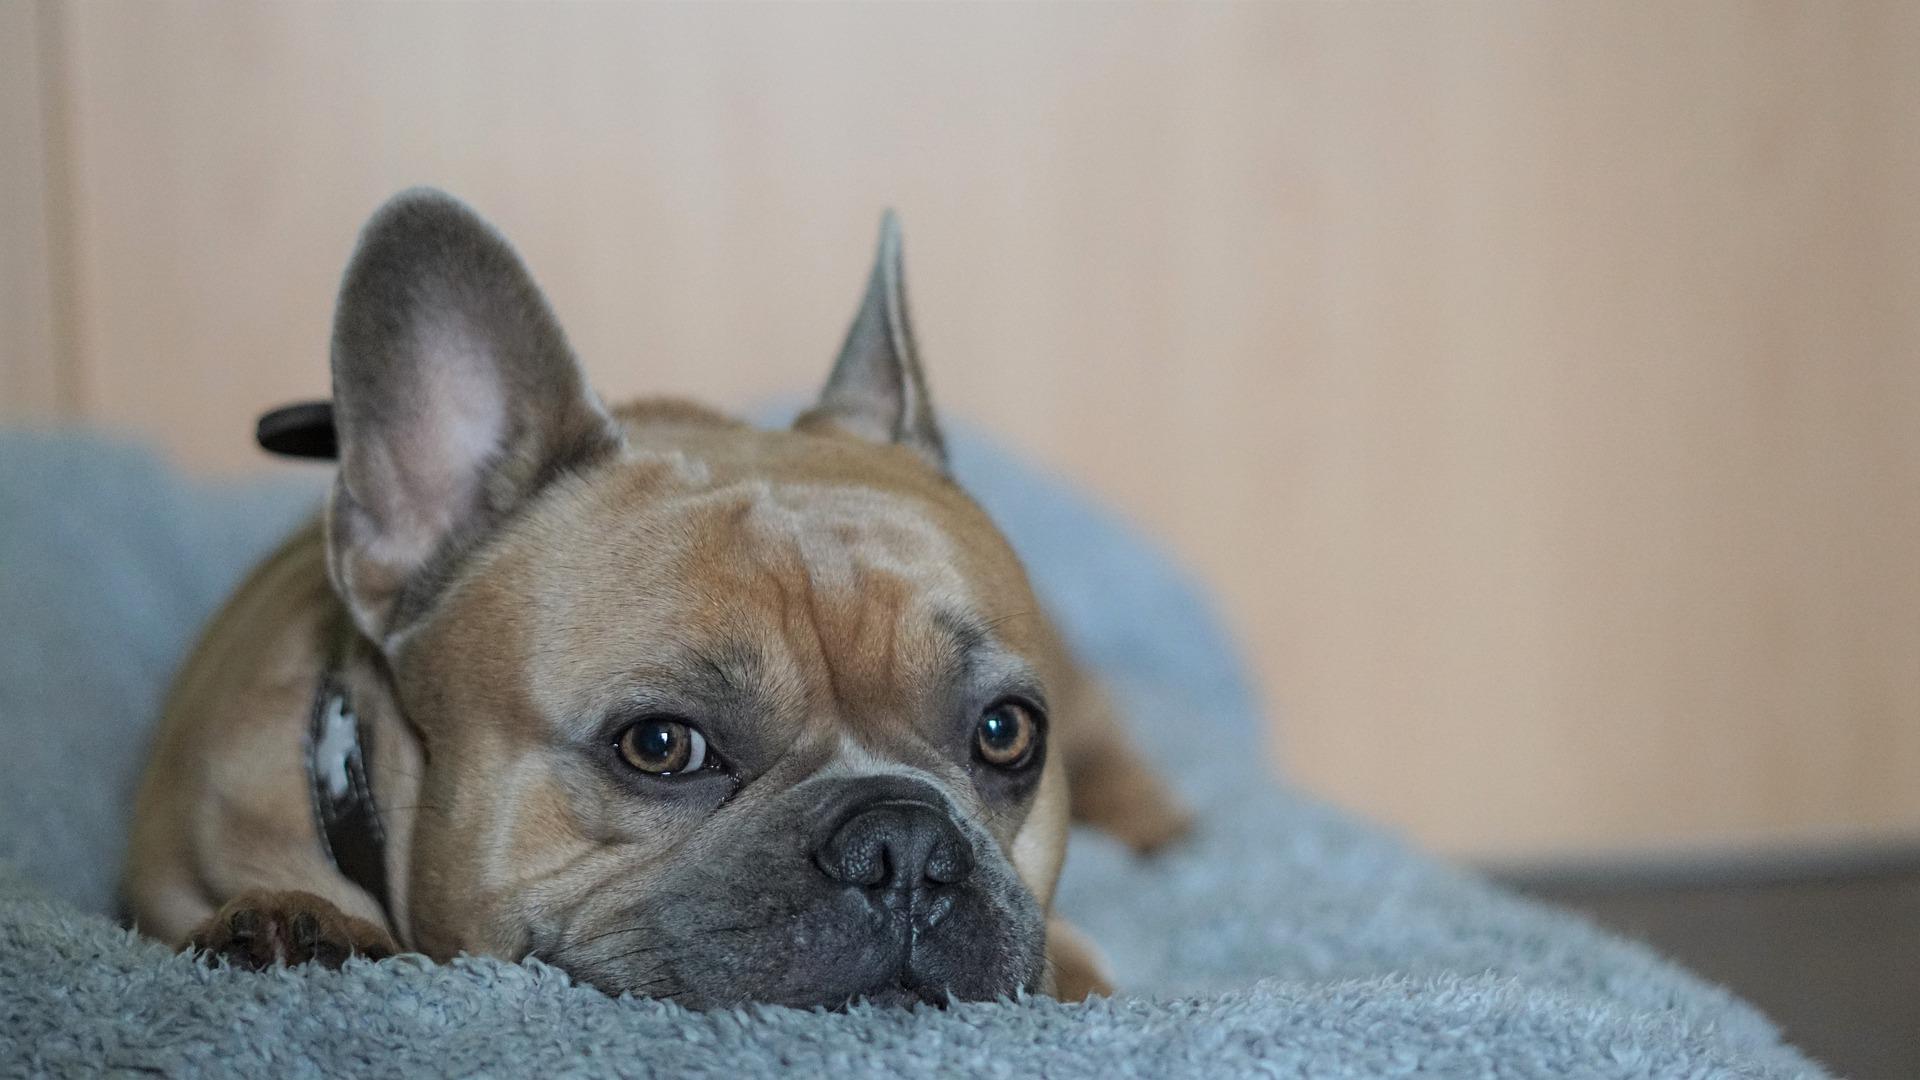 Consulta con el veterinario si tu perro está enfermo